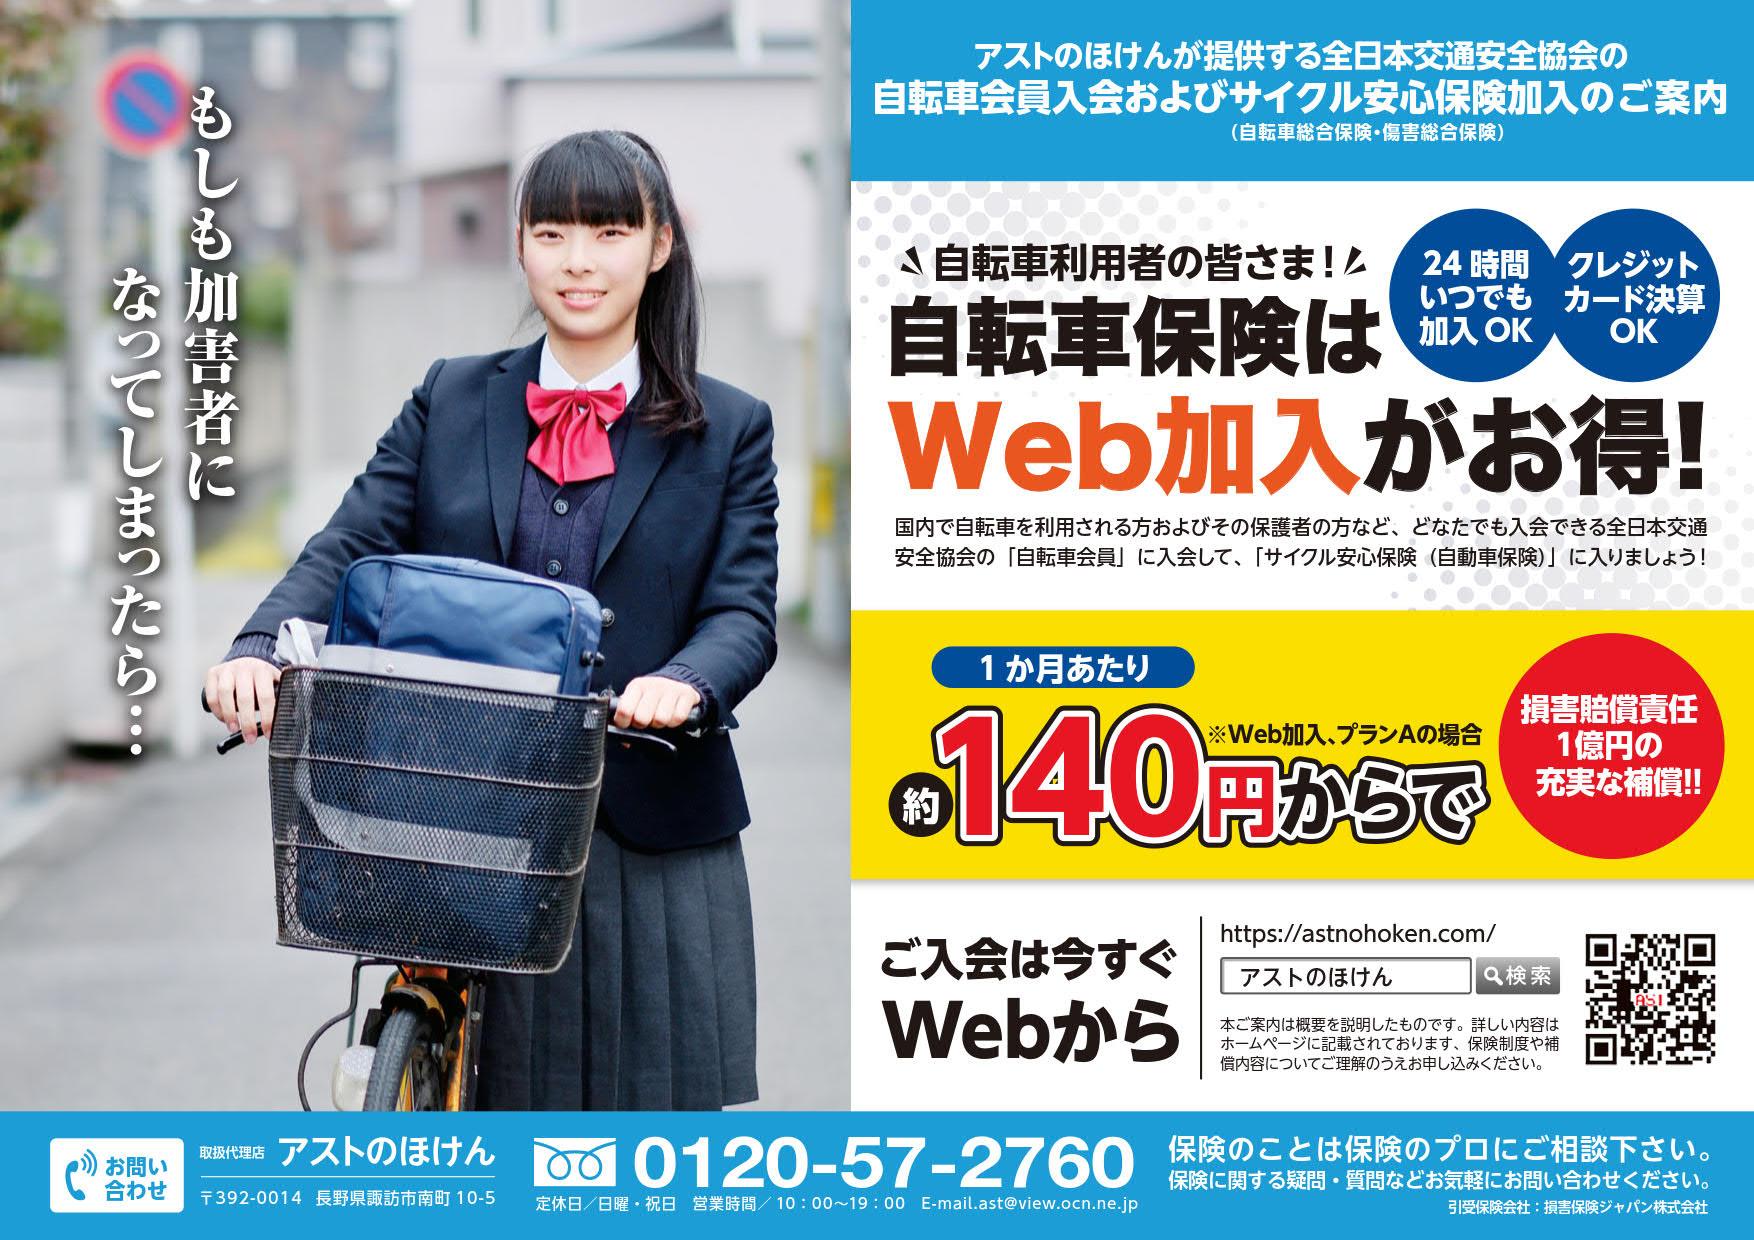 サイクル保険ちらし2021_1